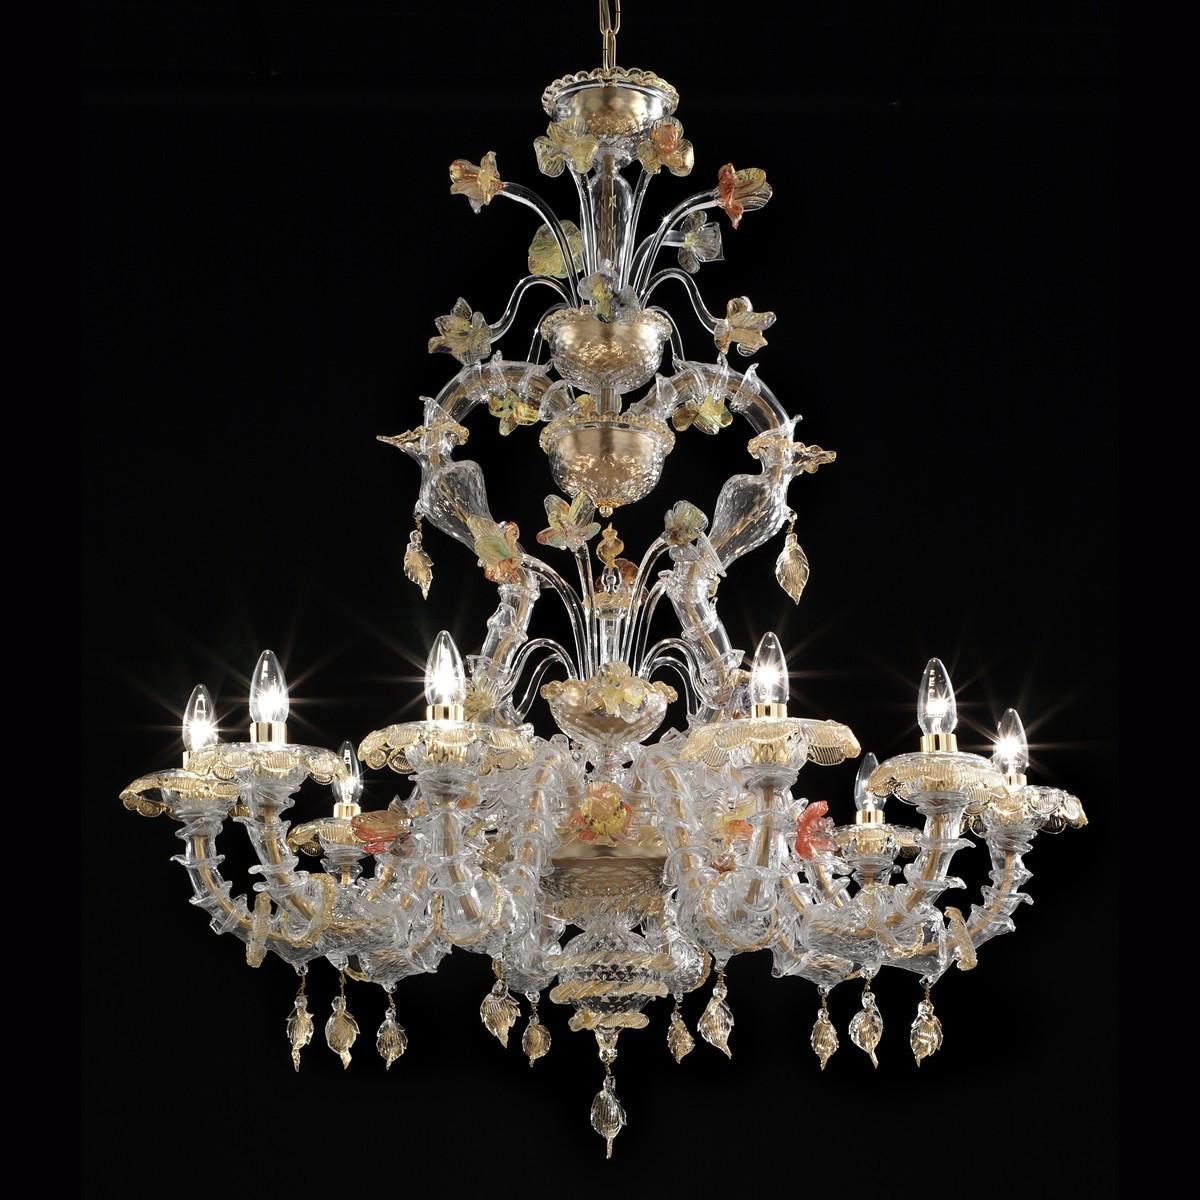 Fondaco 10 lumieres lustre Murano - transparent  or polychrome